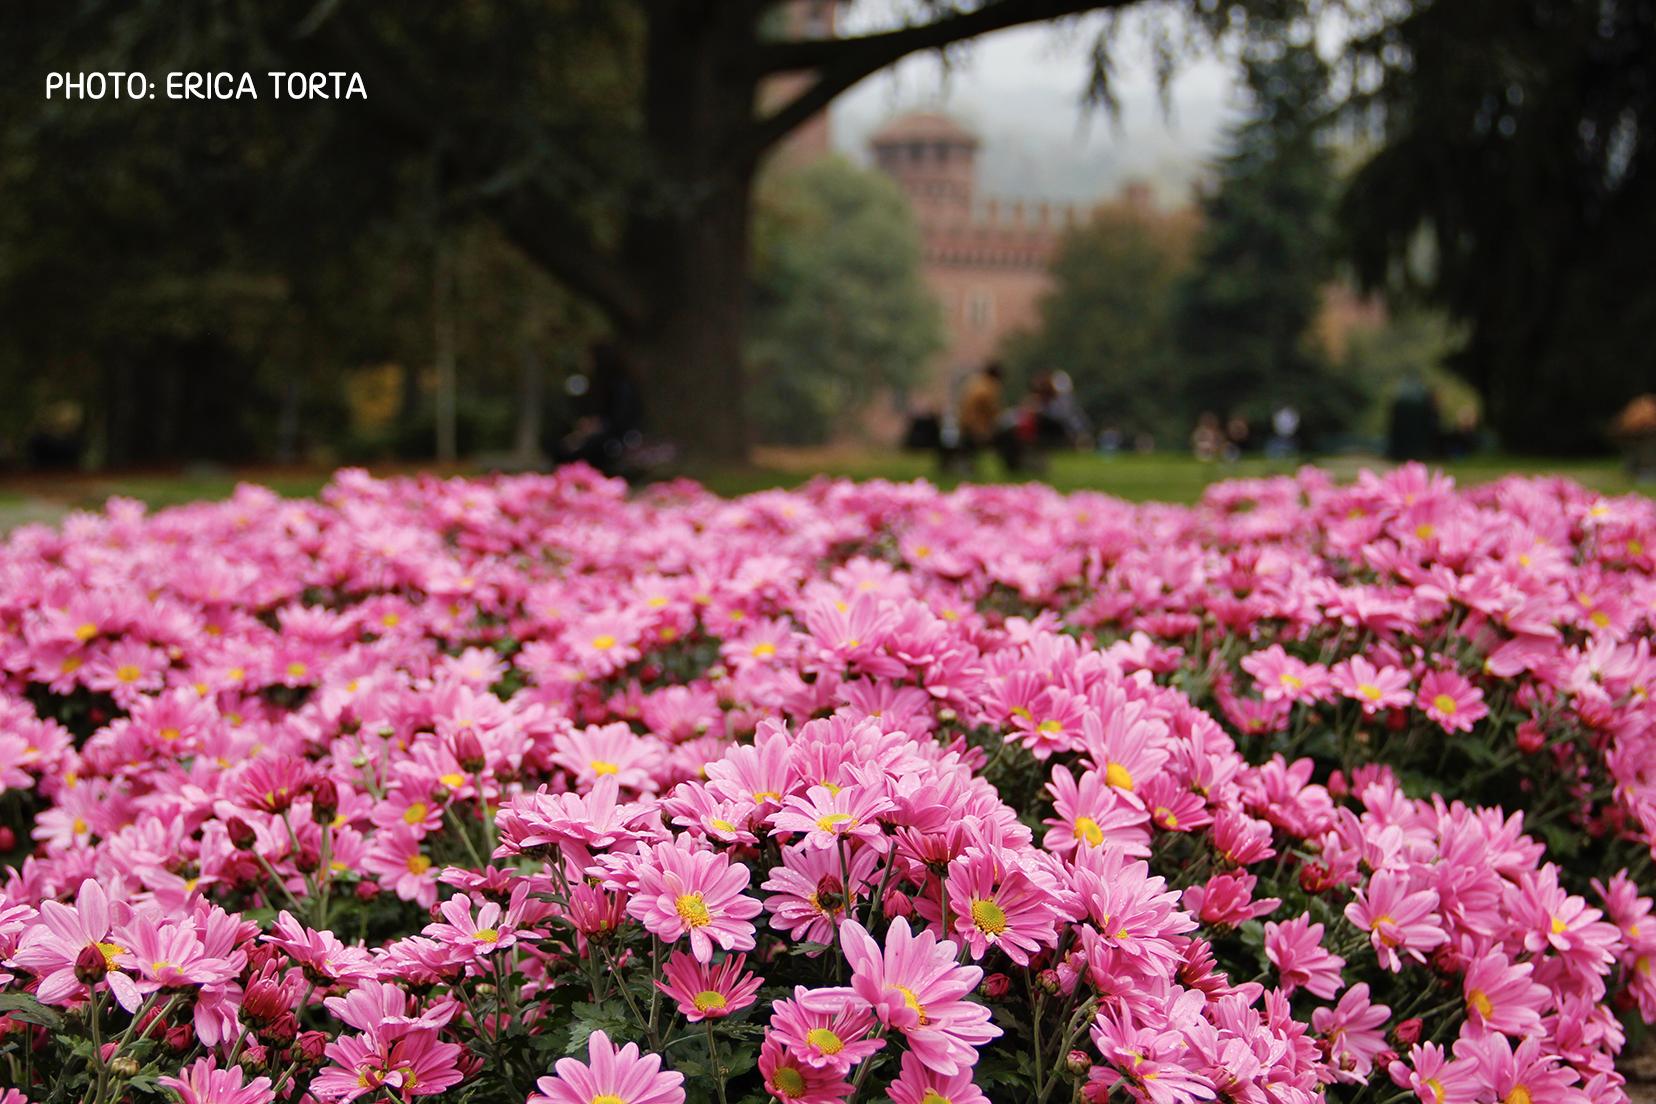 Prato con fiori rosa in primo piano